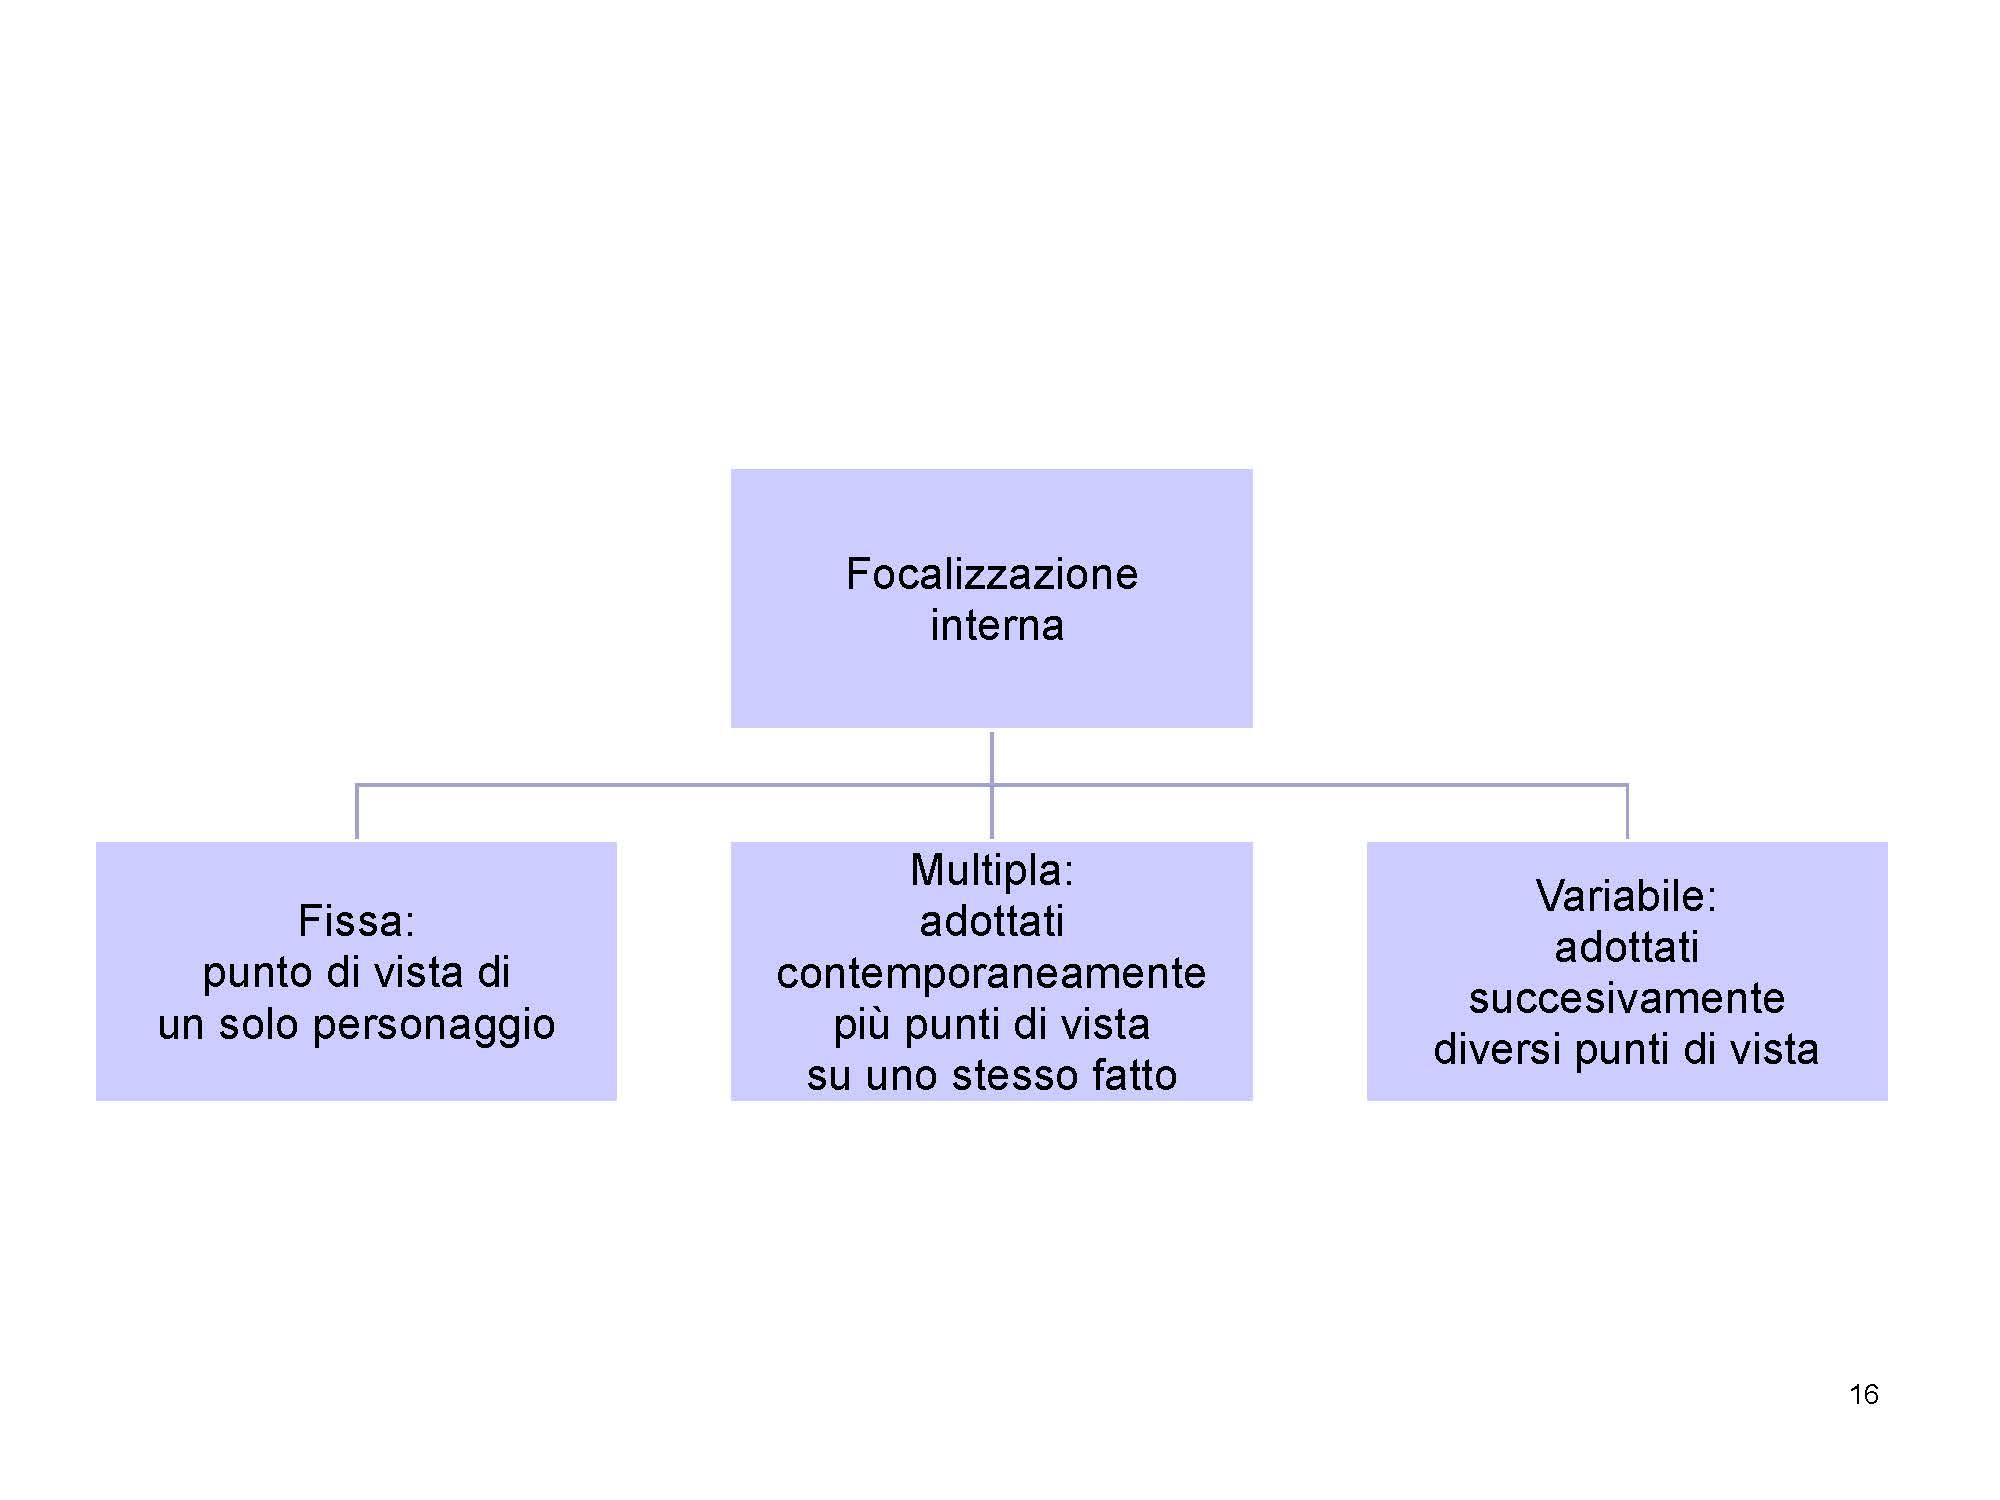 Focalizzazione interna 2